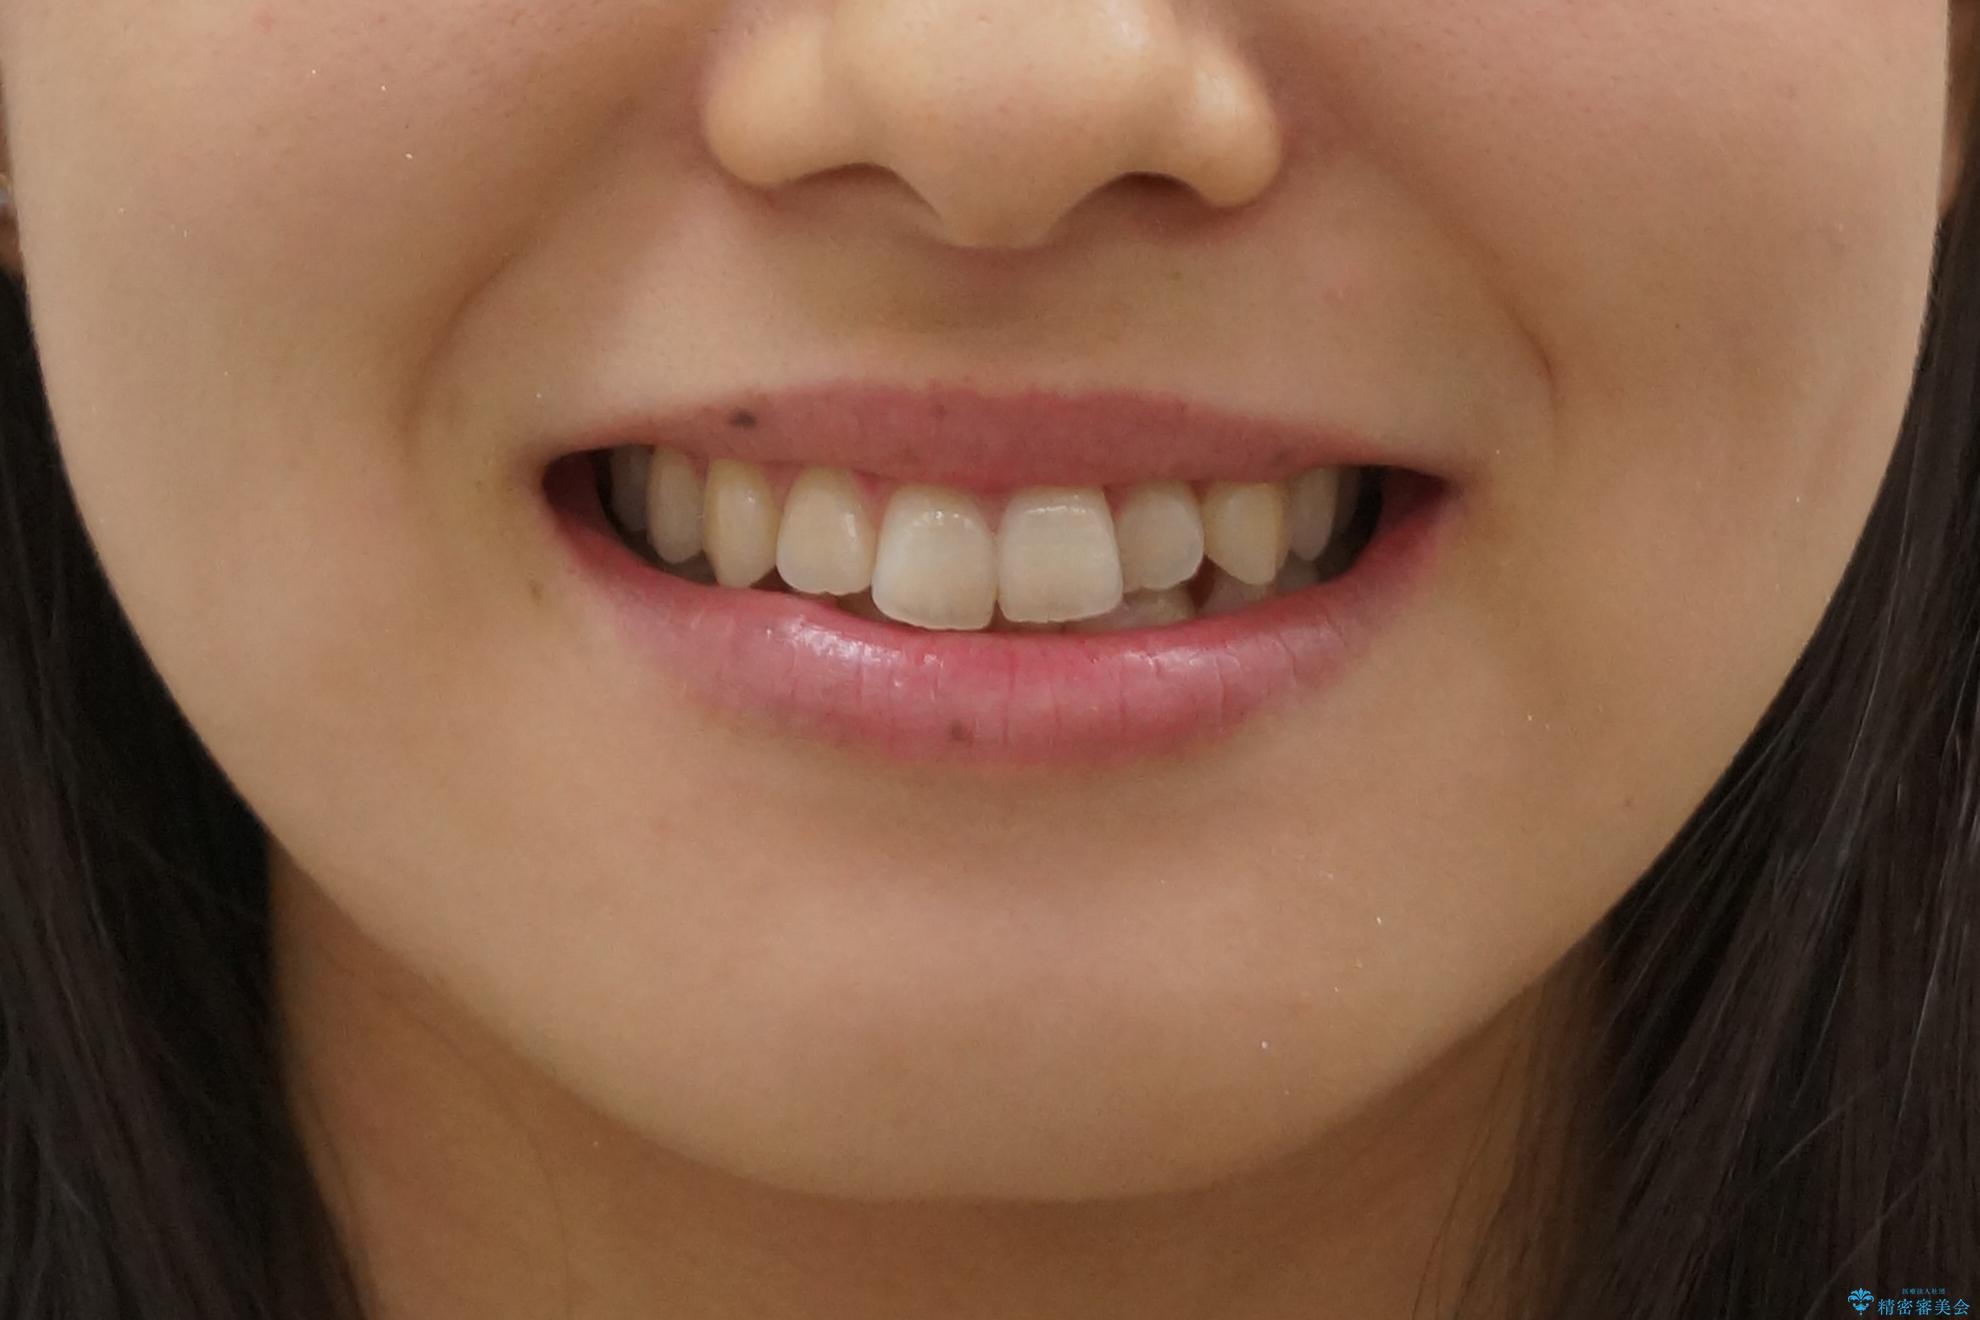 前歯のがたつき インビザラインで 下の奥歯を後ろに下げるの治療前(顔貌)